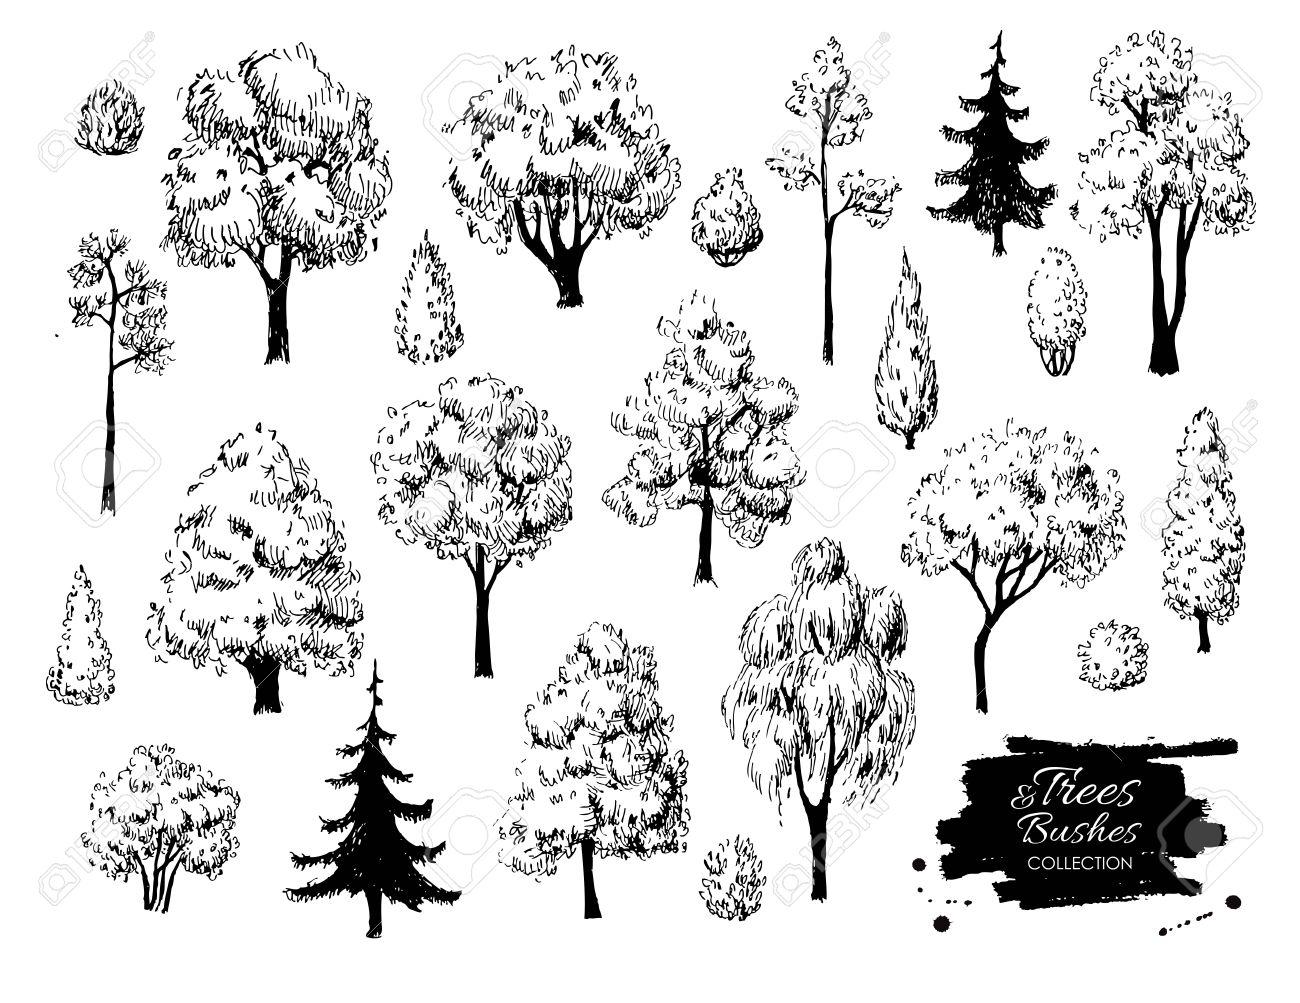 große reihe von hand gezeichnet baum skizzen. künstlerische